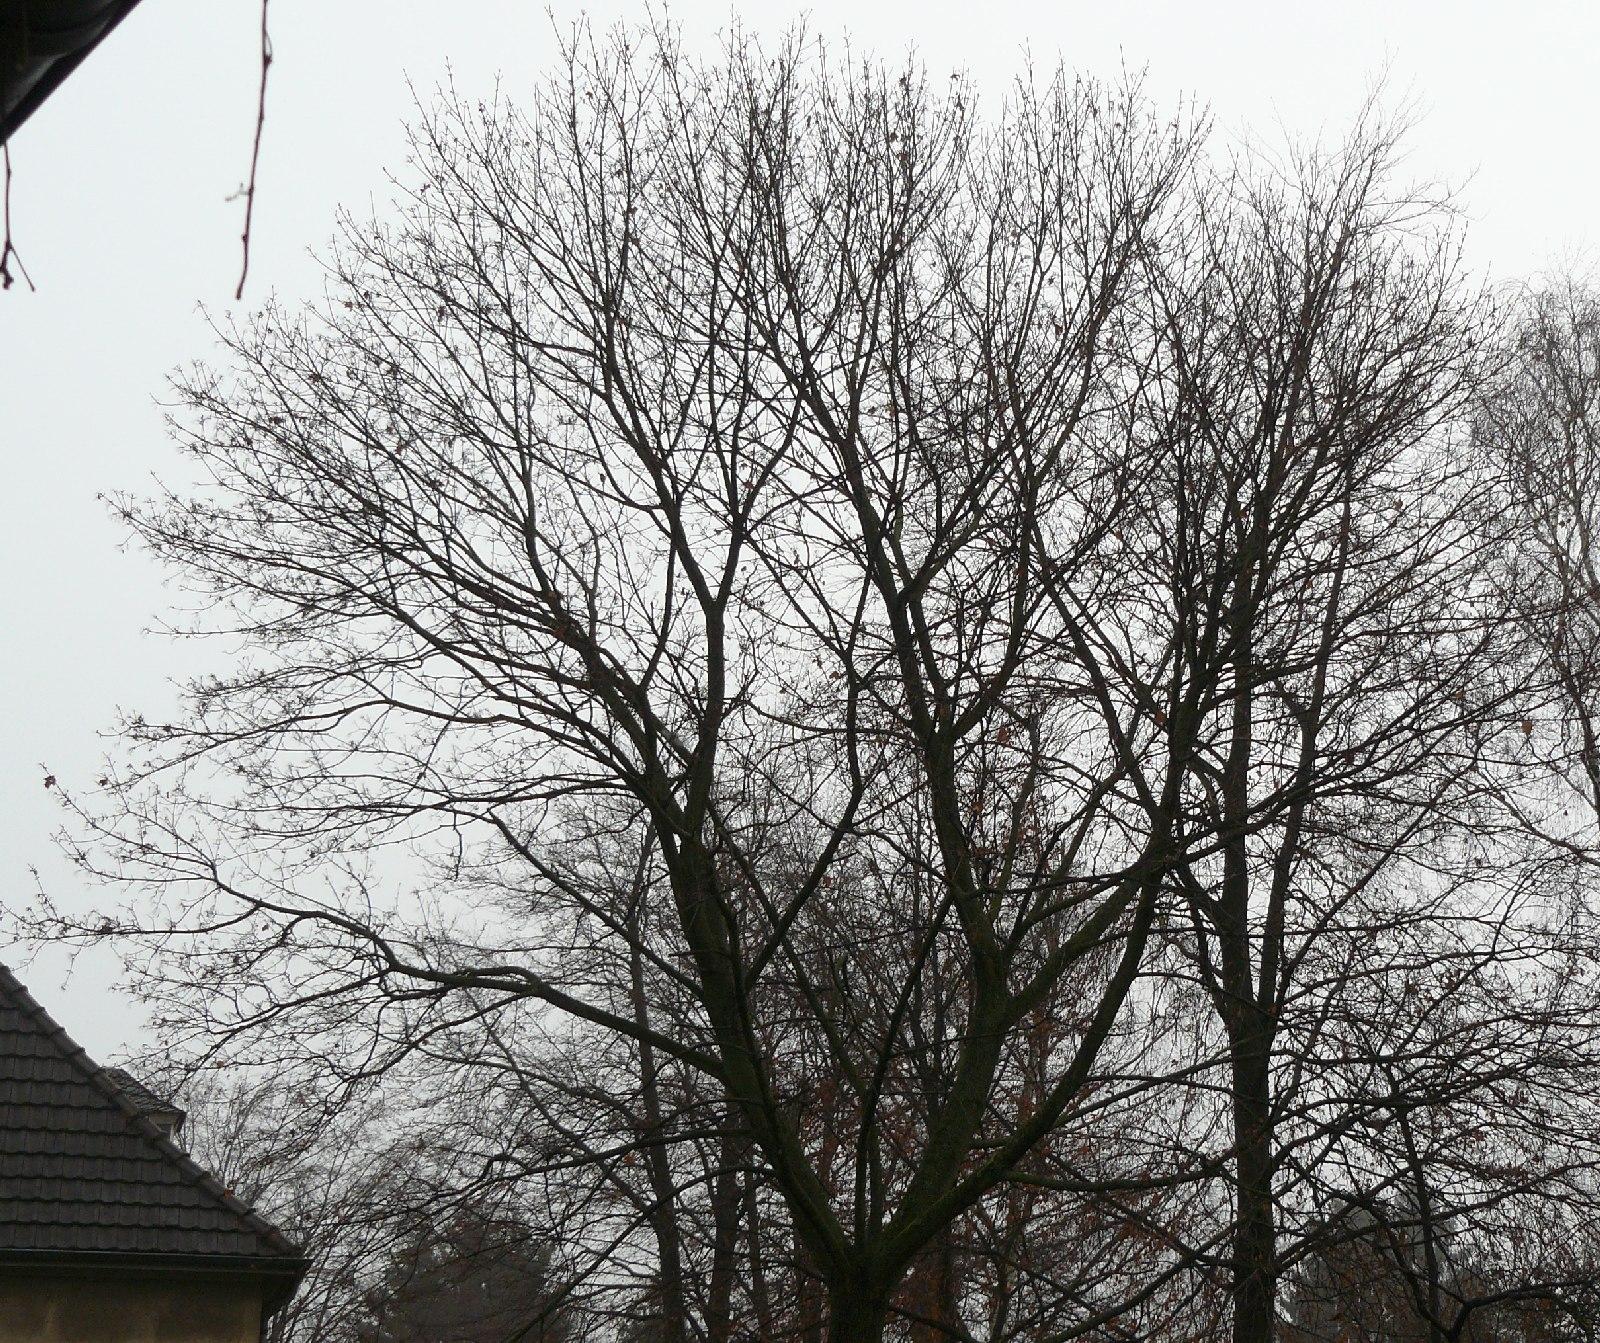 14.12.2014 Winterstarre. Nun ist er völlig kahl. Wie vor einem Jahr, als ich mit der Dokumentation dieses Baumes begann. Der Kreis hat sich geschlossen.